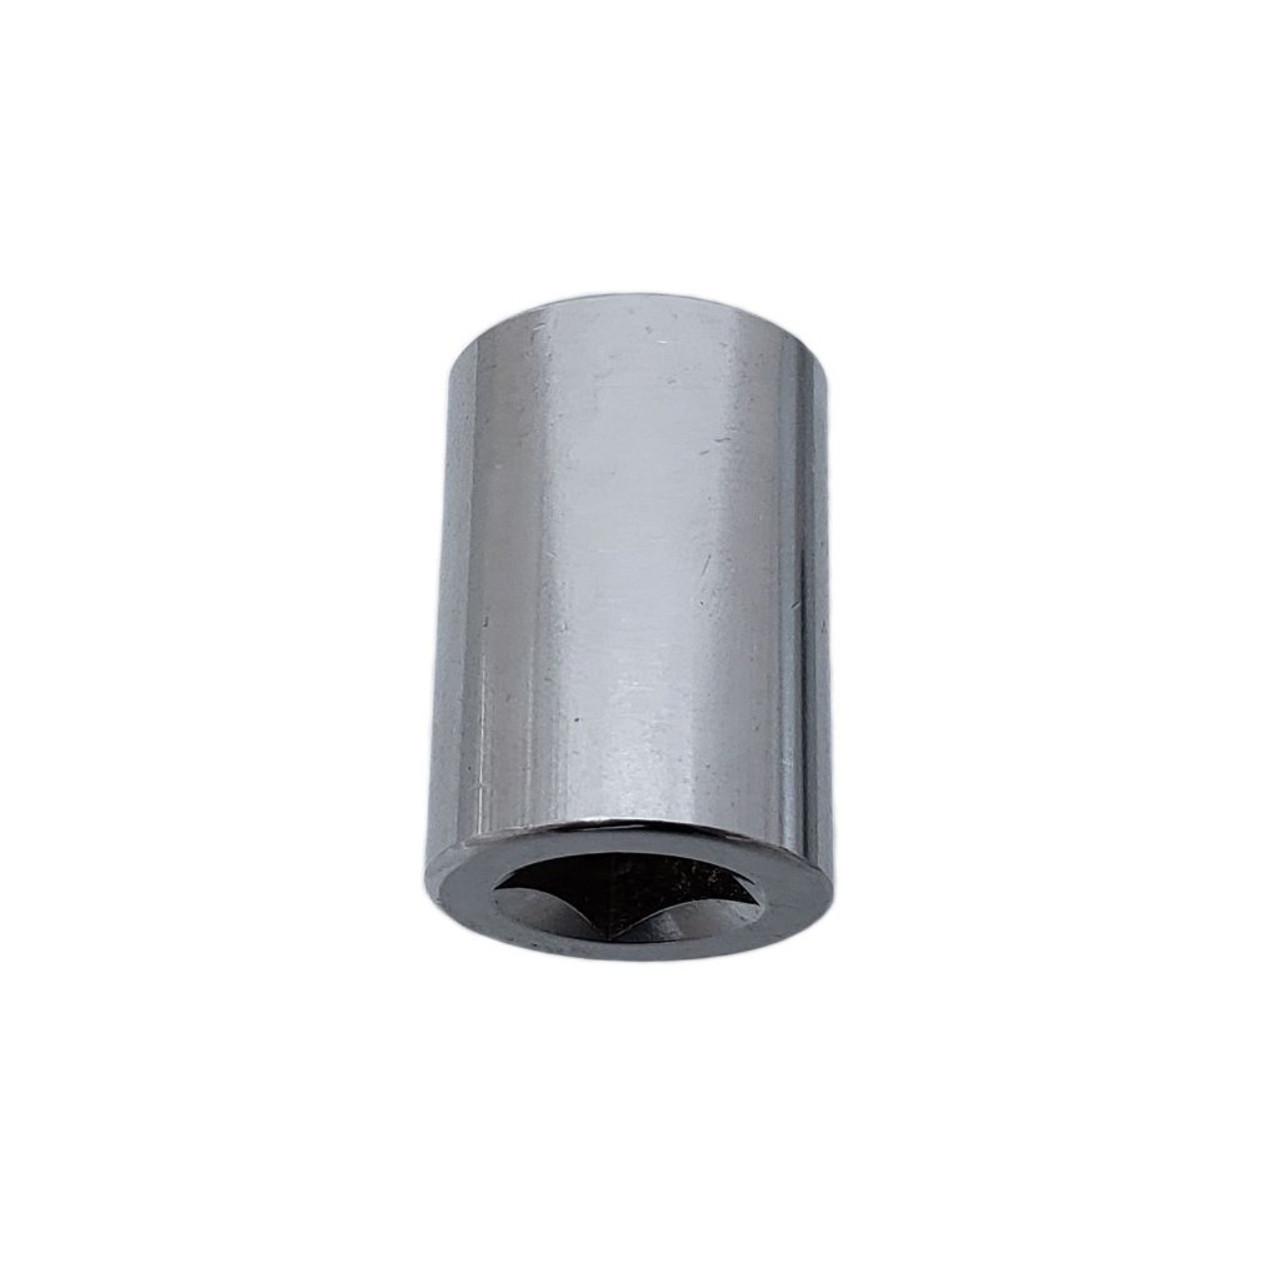 High Side Port Socket for R134a